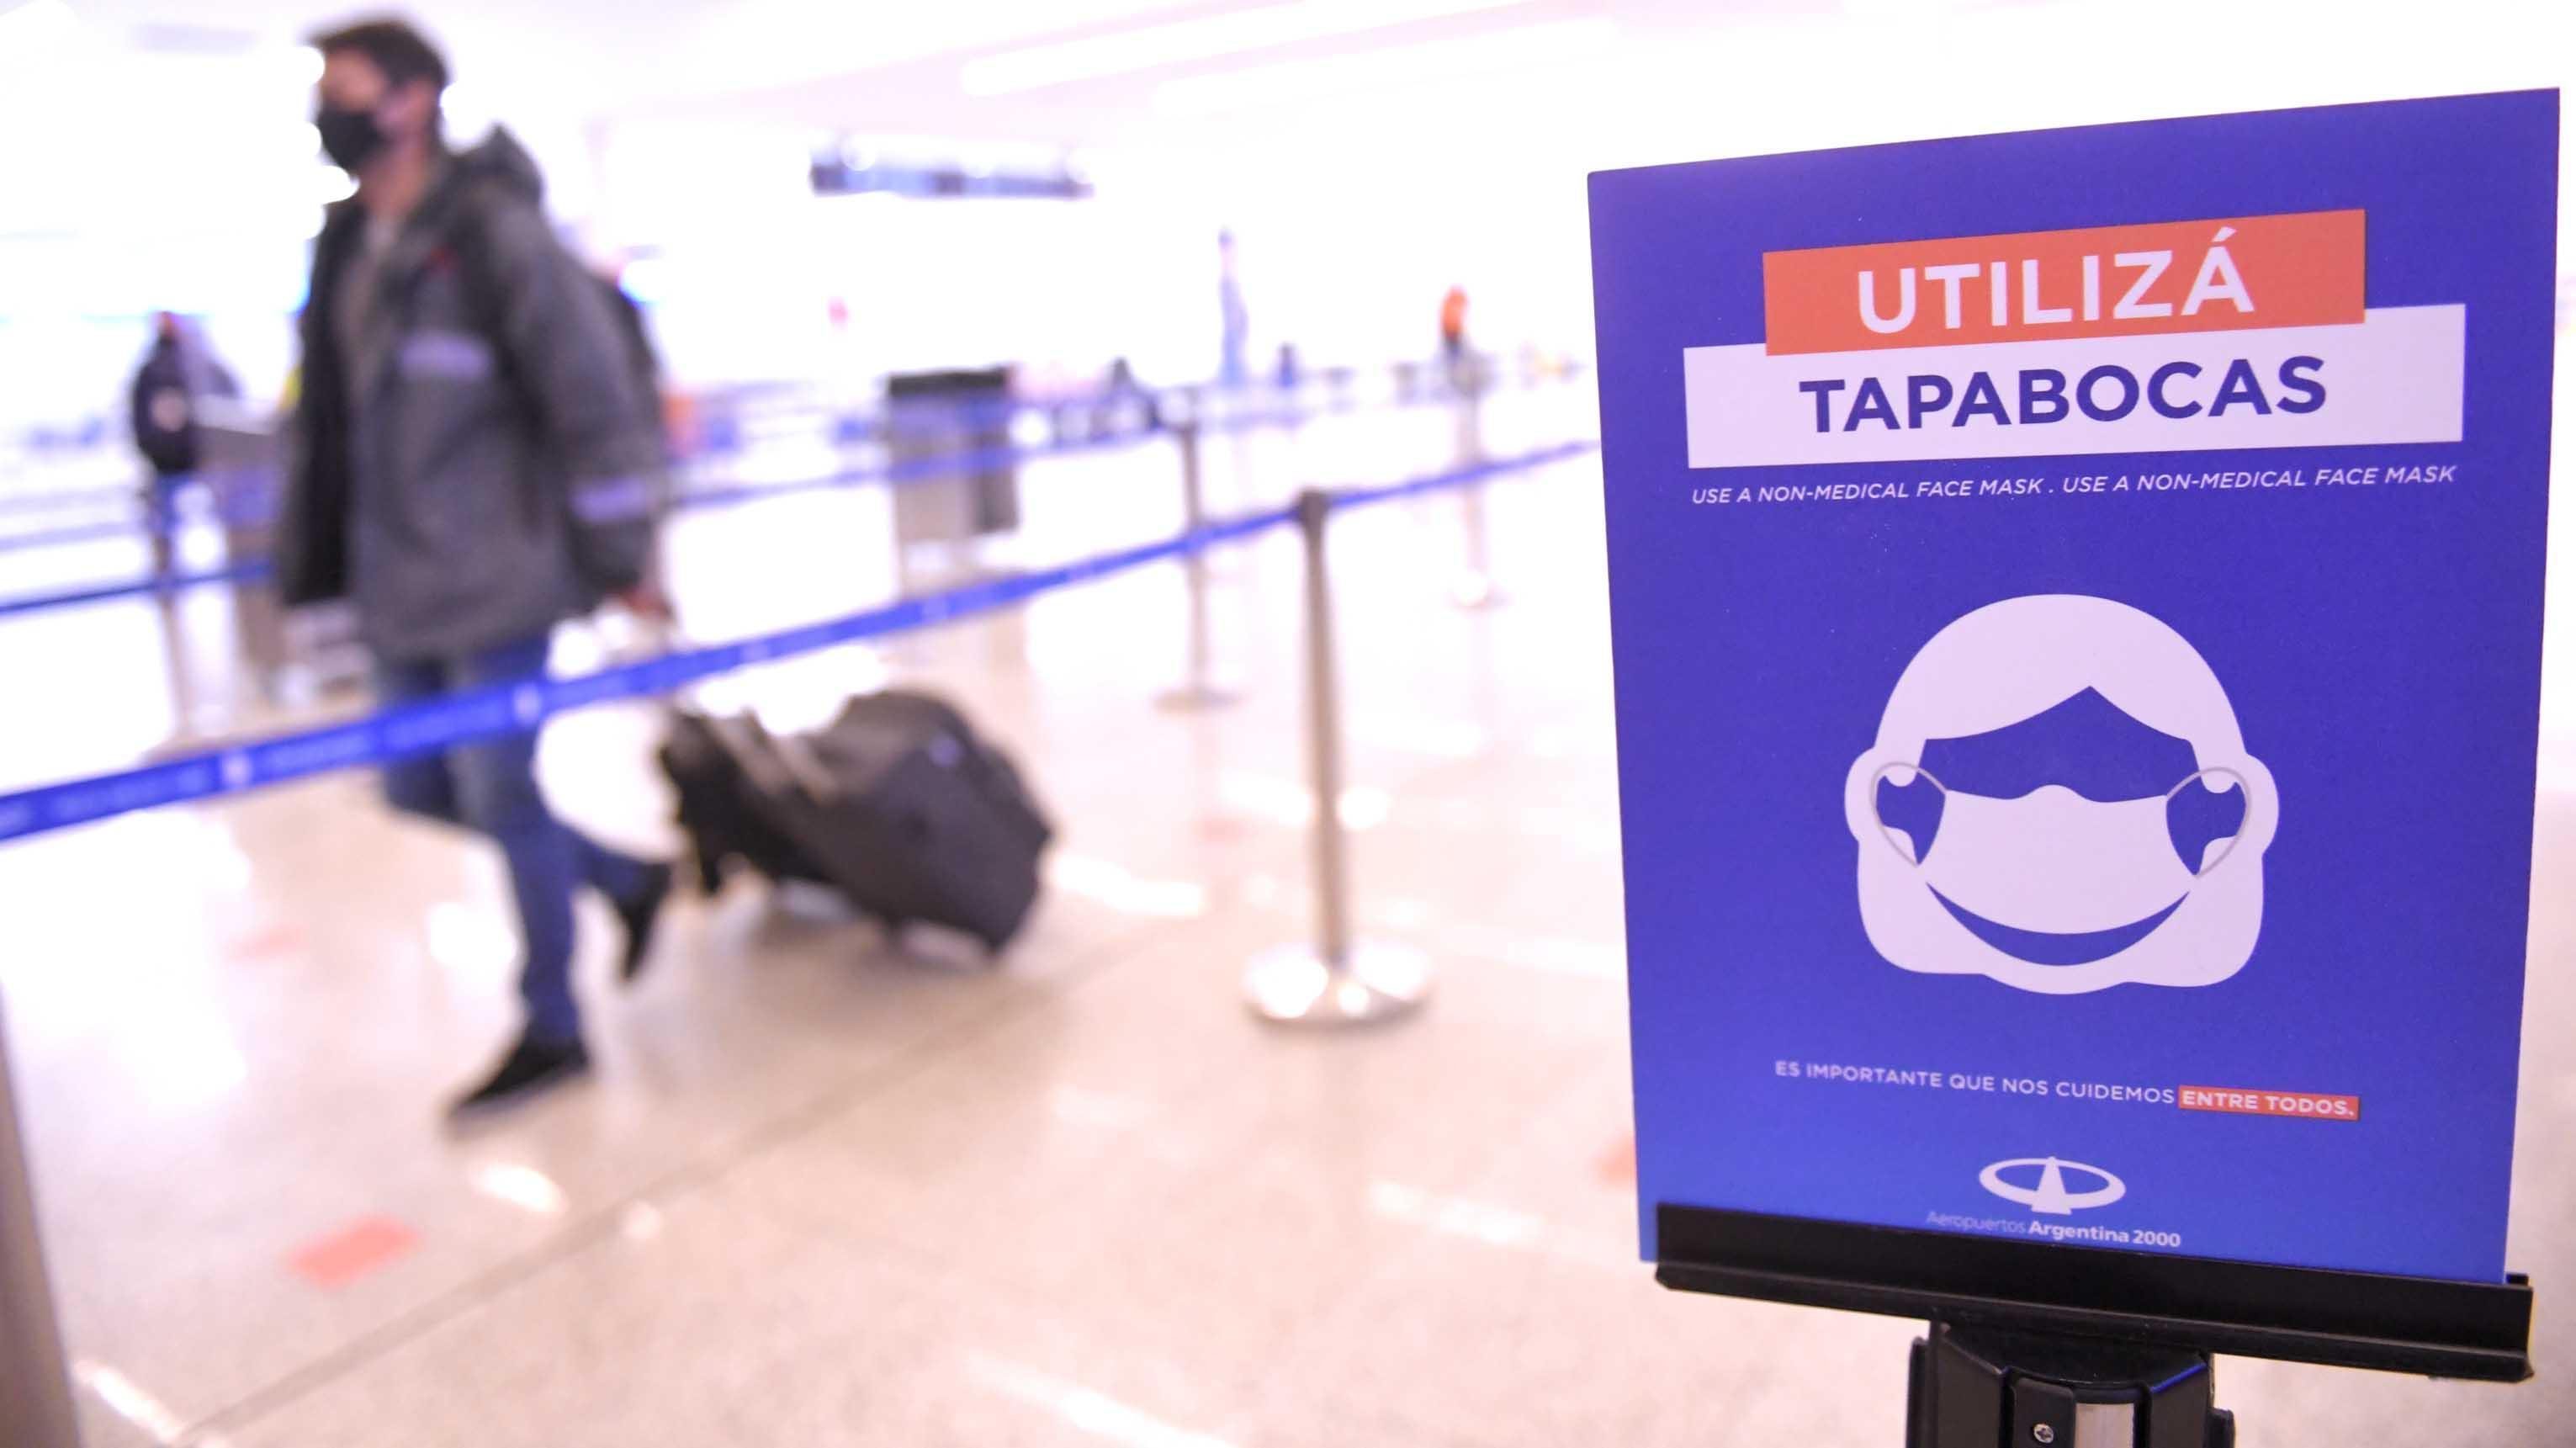 Aeropuertos Argentinas 2000, la concesionaria de Ezeiza, instaló carteles y recomendaciones para que todos los pasajeros lleguen preparados a la hora de abordar su vuelo